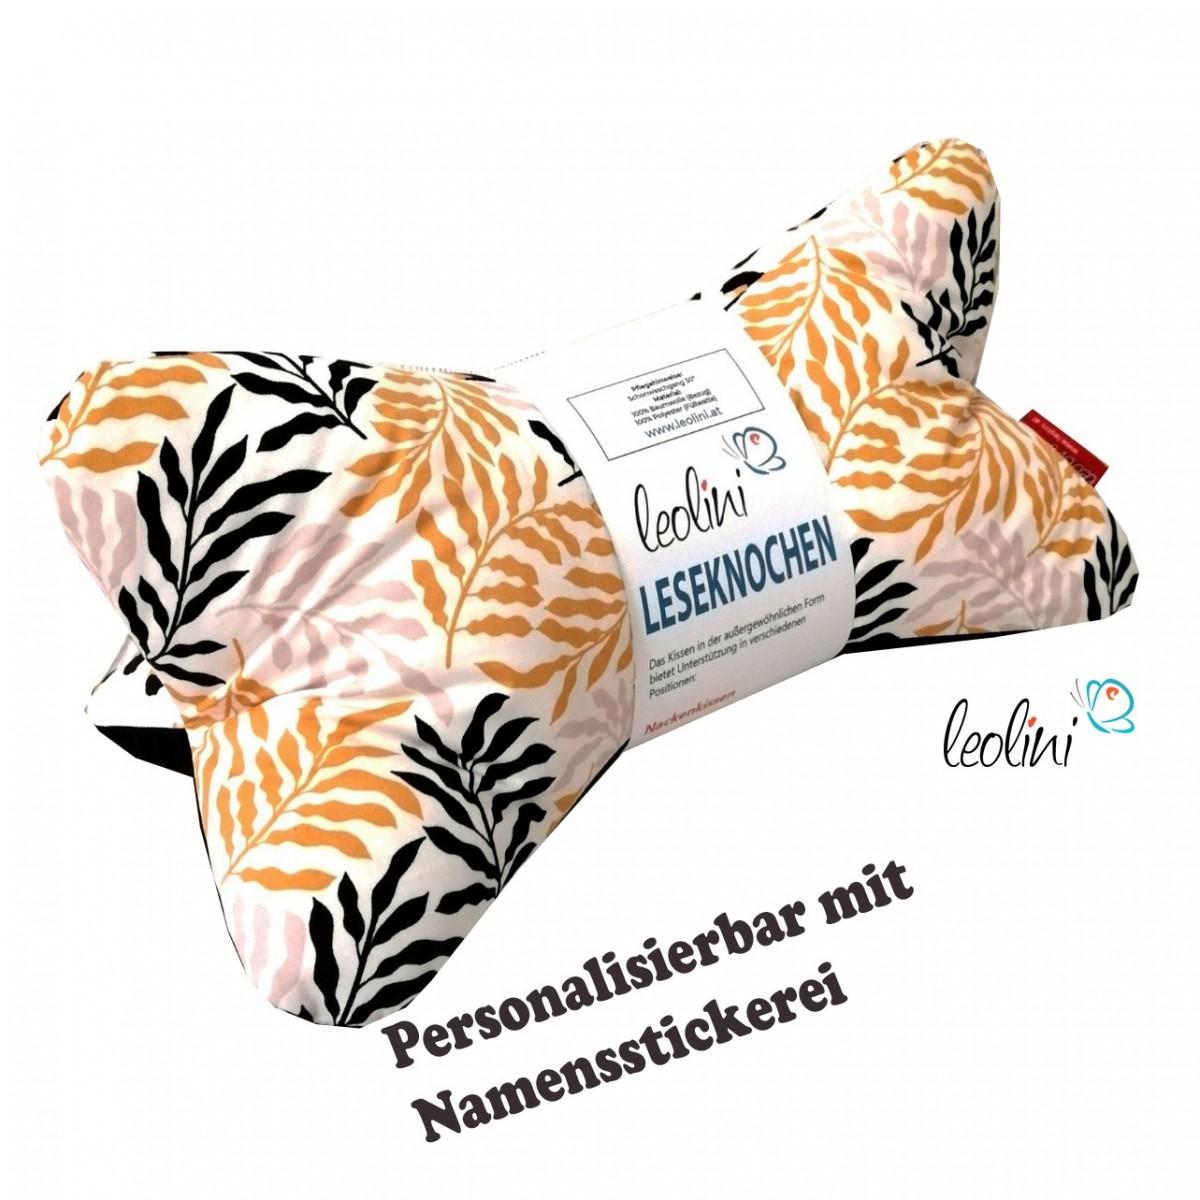 Personalisierbarer Leseknochen - Lesekissen von Leolini Palmenblätter Namensstickerei